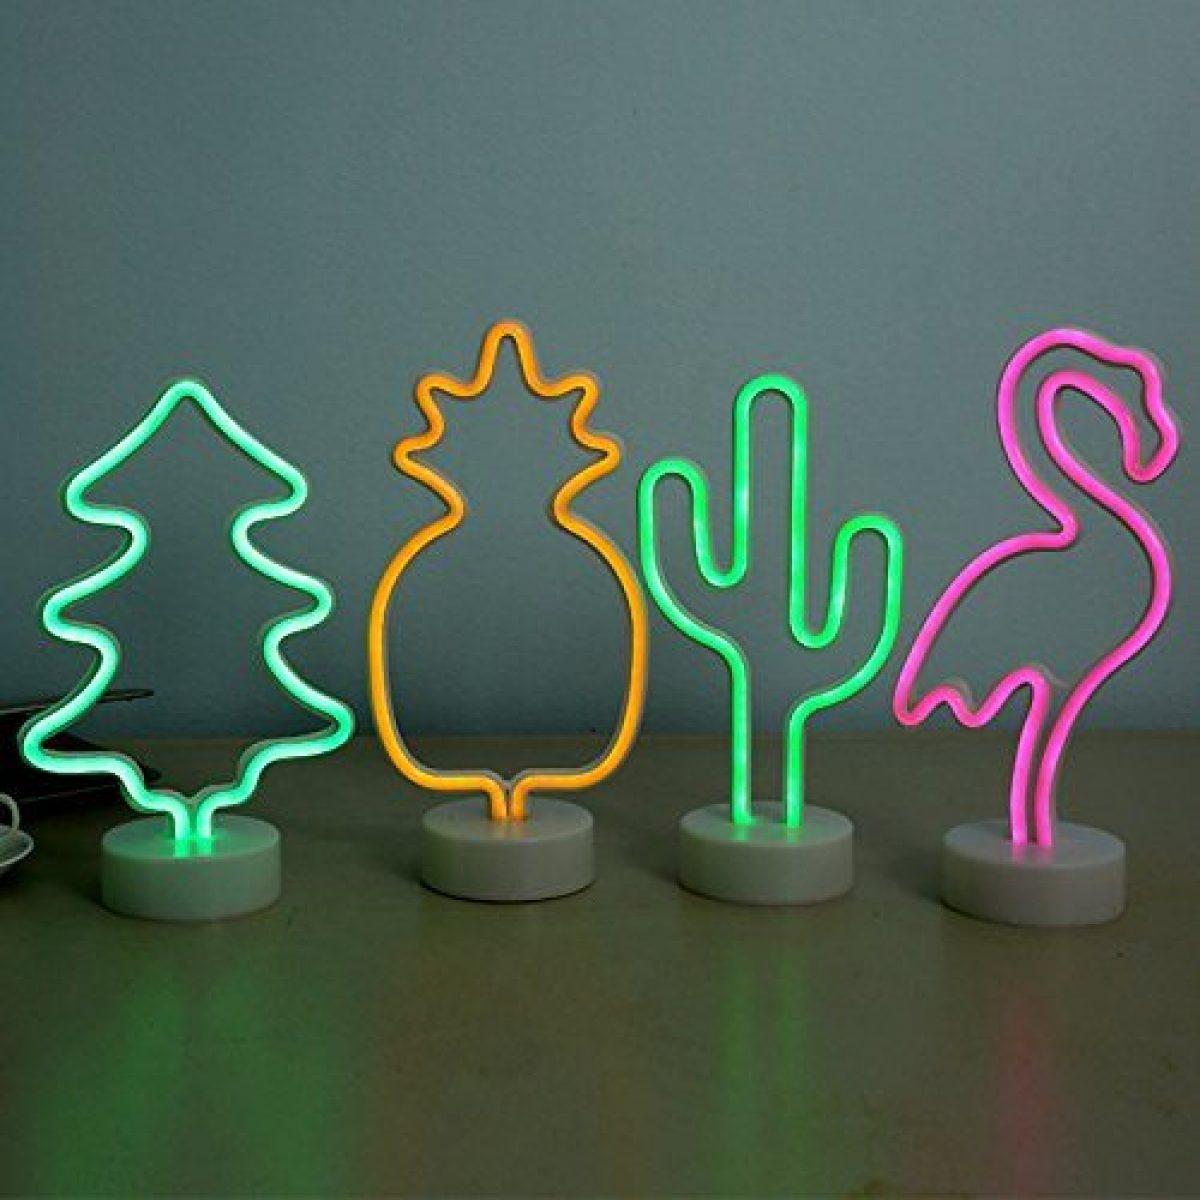 Idee Regalo Natale Sotto 10 Euro.Regali Di Natale Originali Ed Economici Sotto I 10 Euro 20